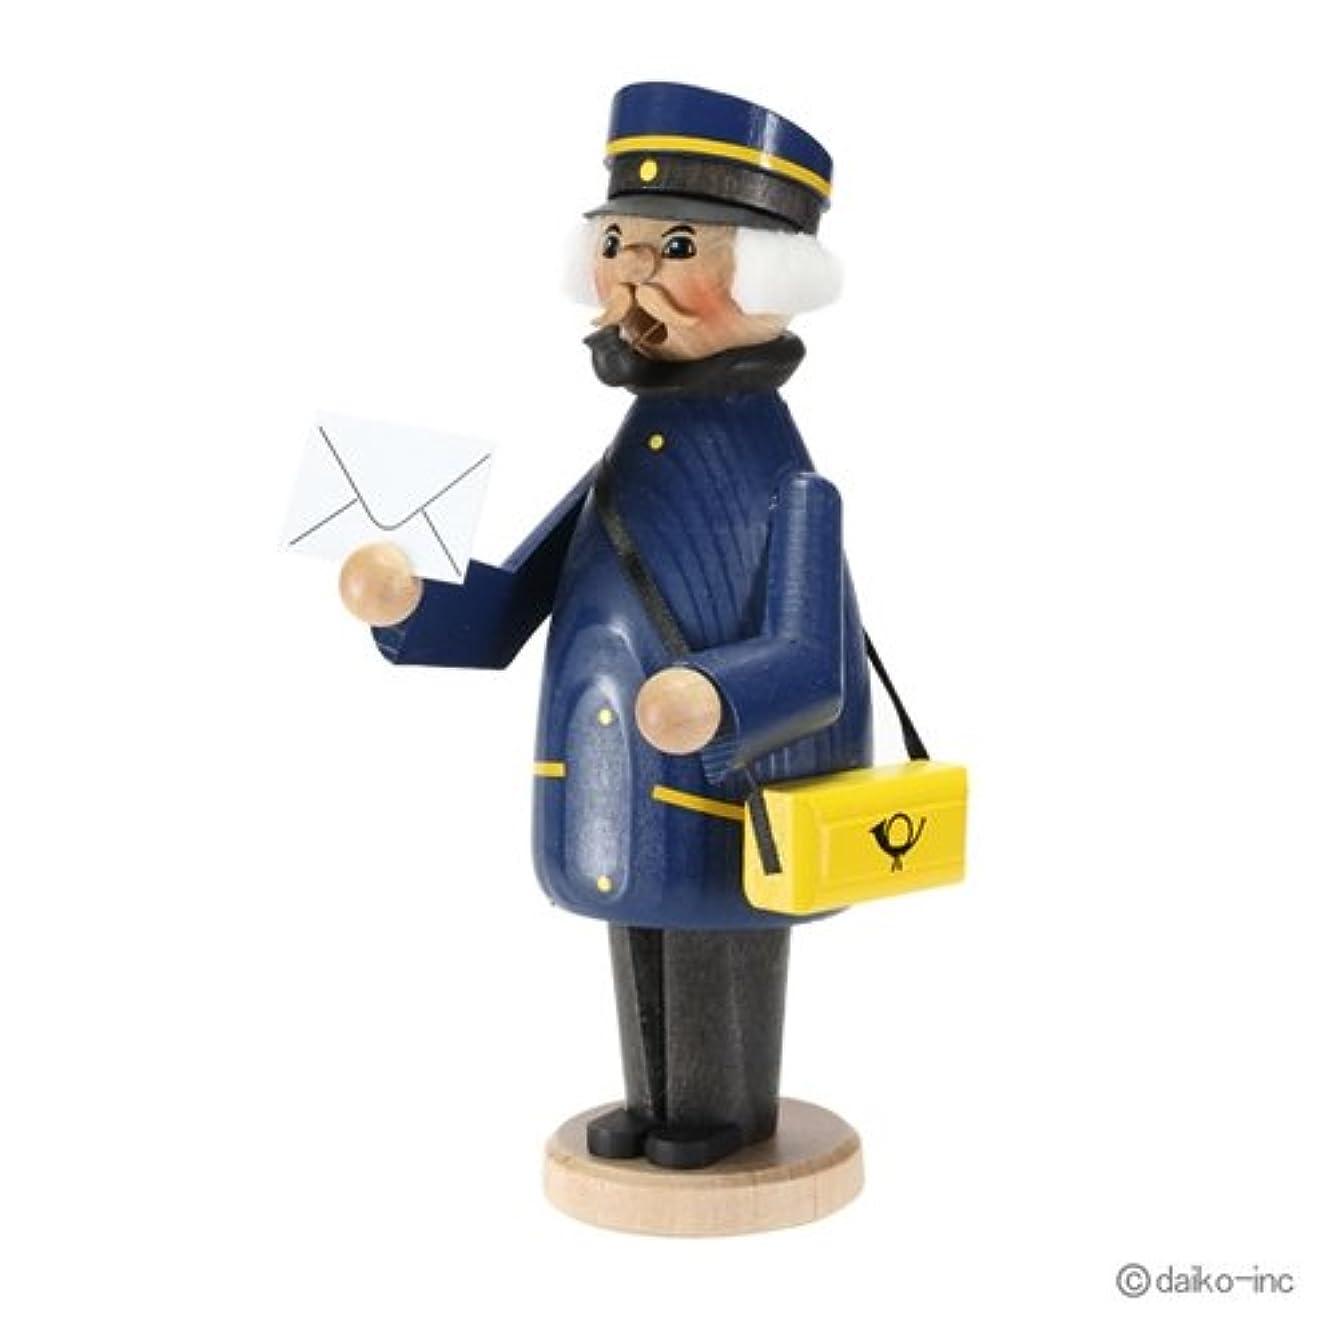 捕虜民間人予防接種クーネルト kuhnert ミニパイプ人形香炉 郵便配達員